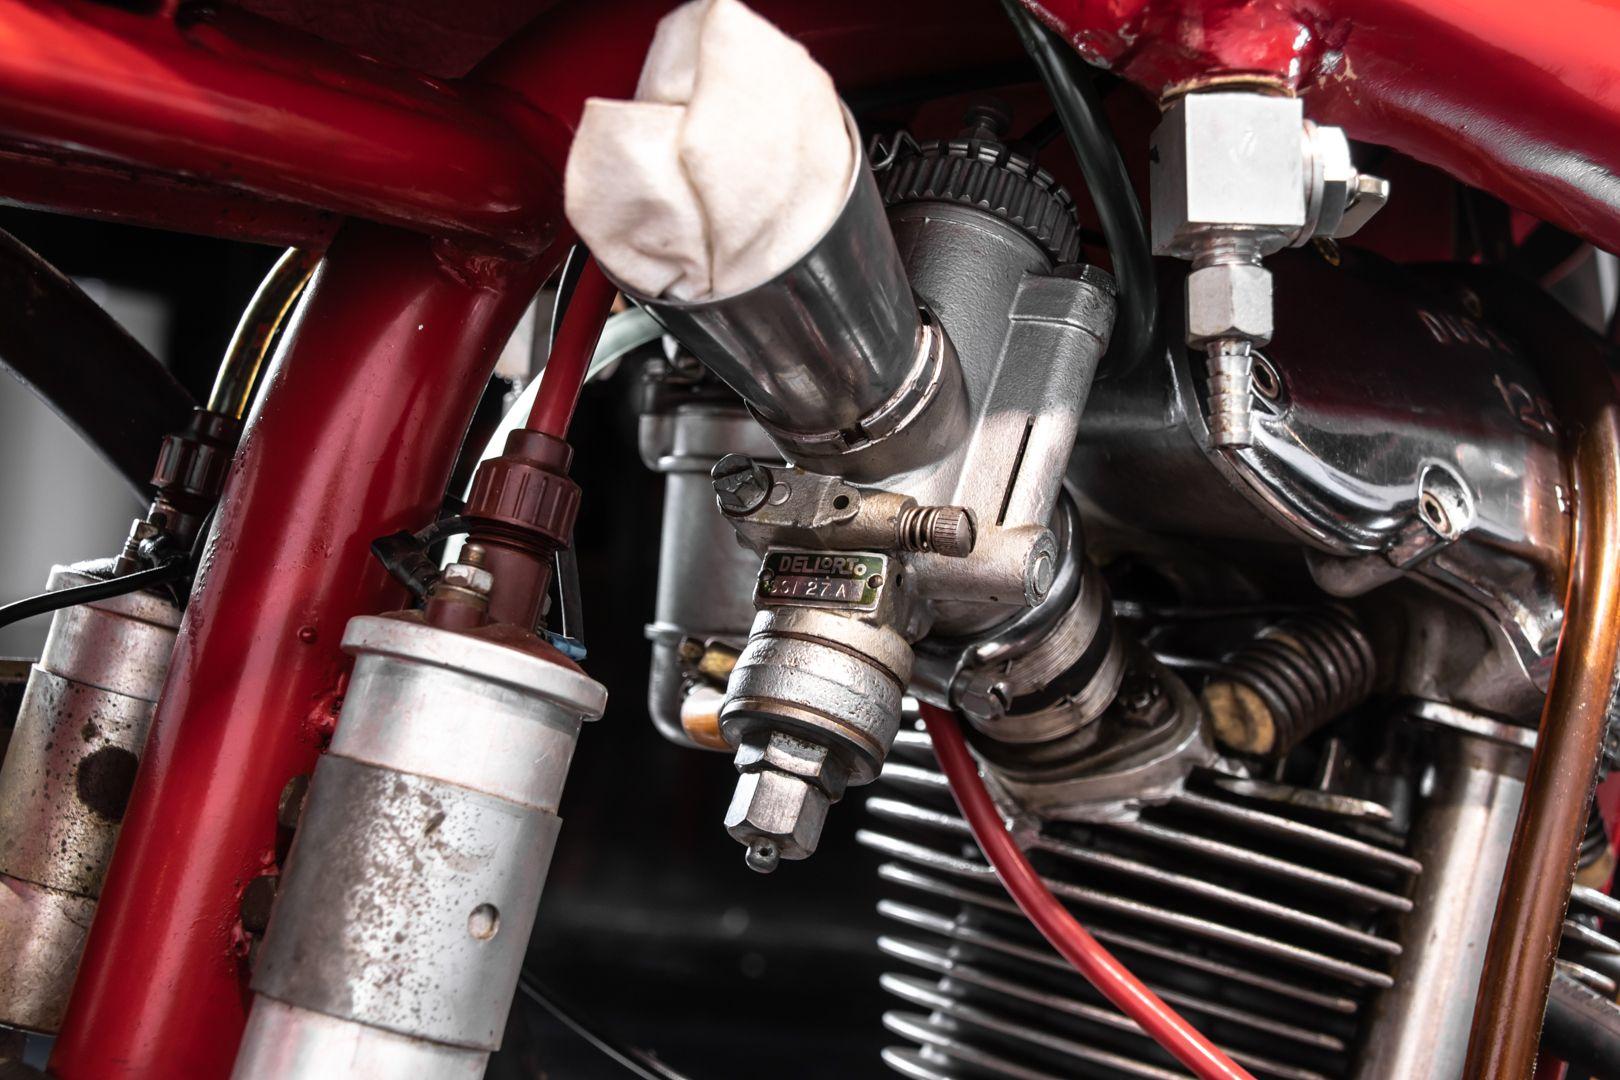 1957 Ducati 125 Bialbero Corsa 77181